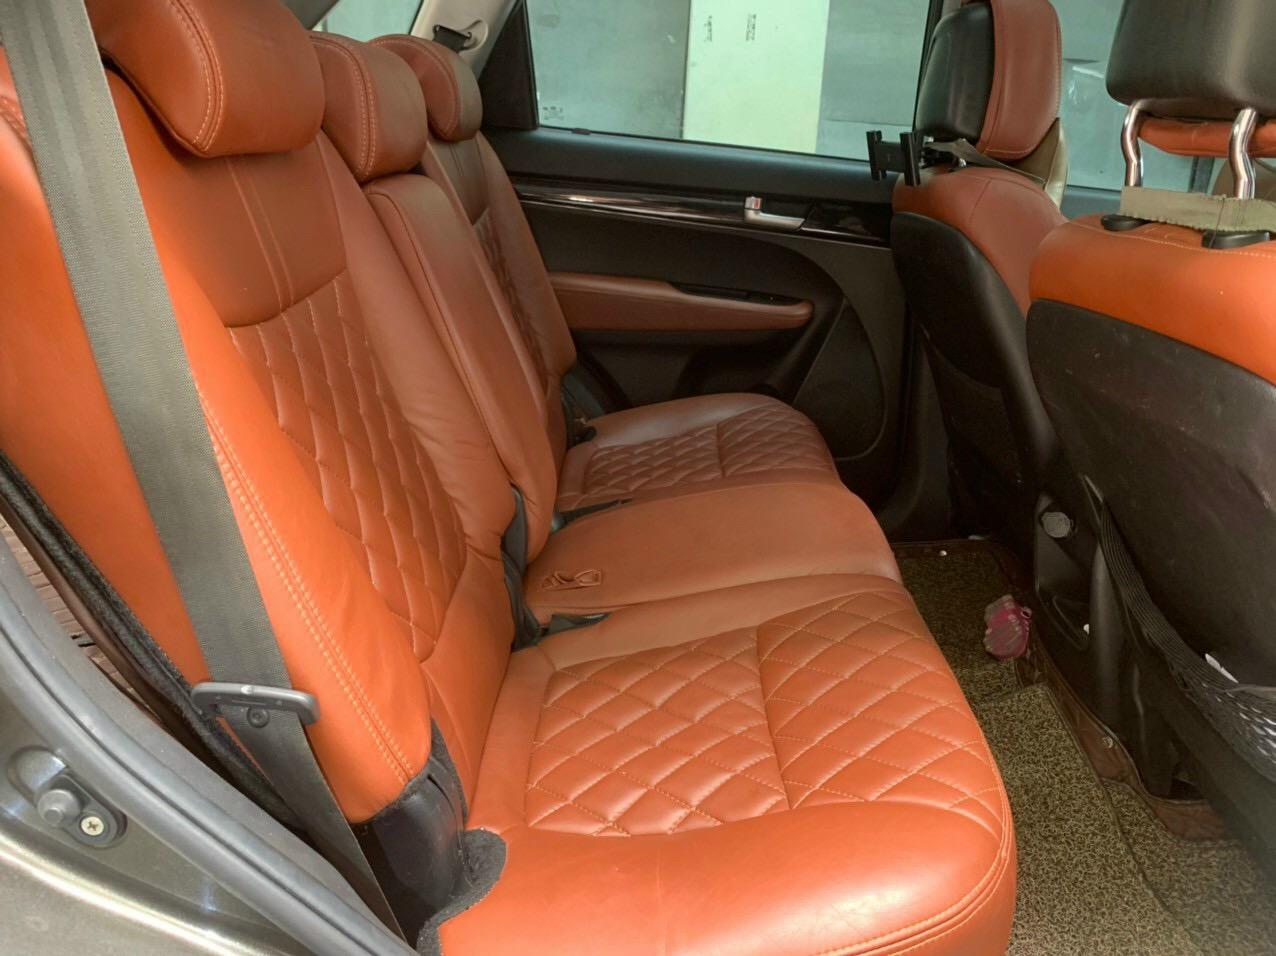 Bán xe Sorento máy dầu, màu nâu sx 2016